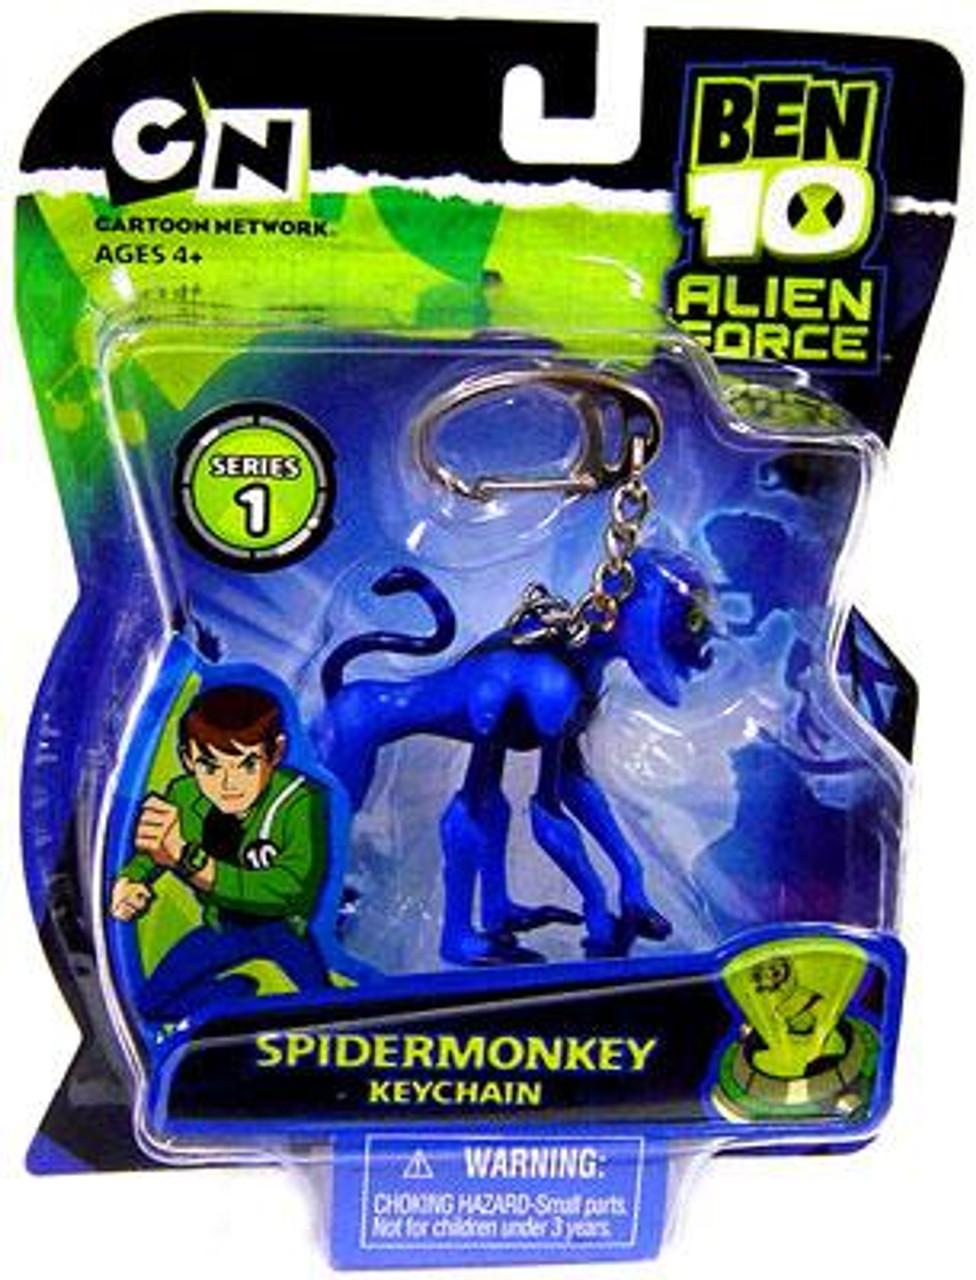 Ben 10 Alien Force Spidermonkey Keychain